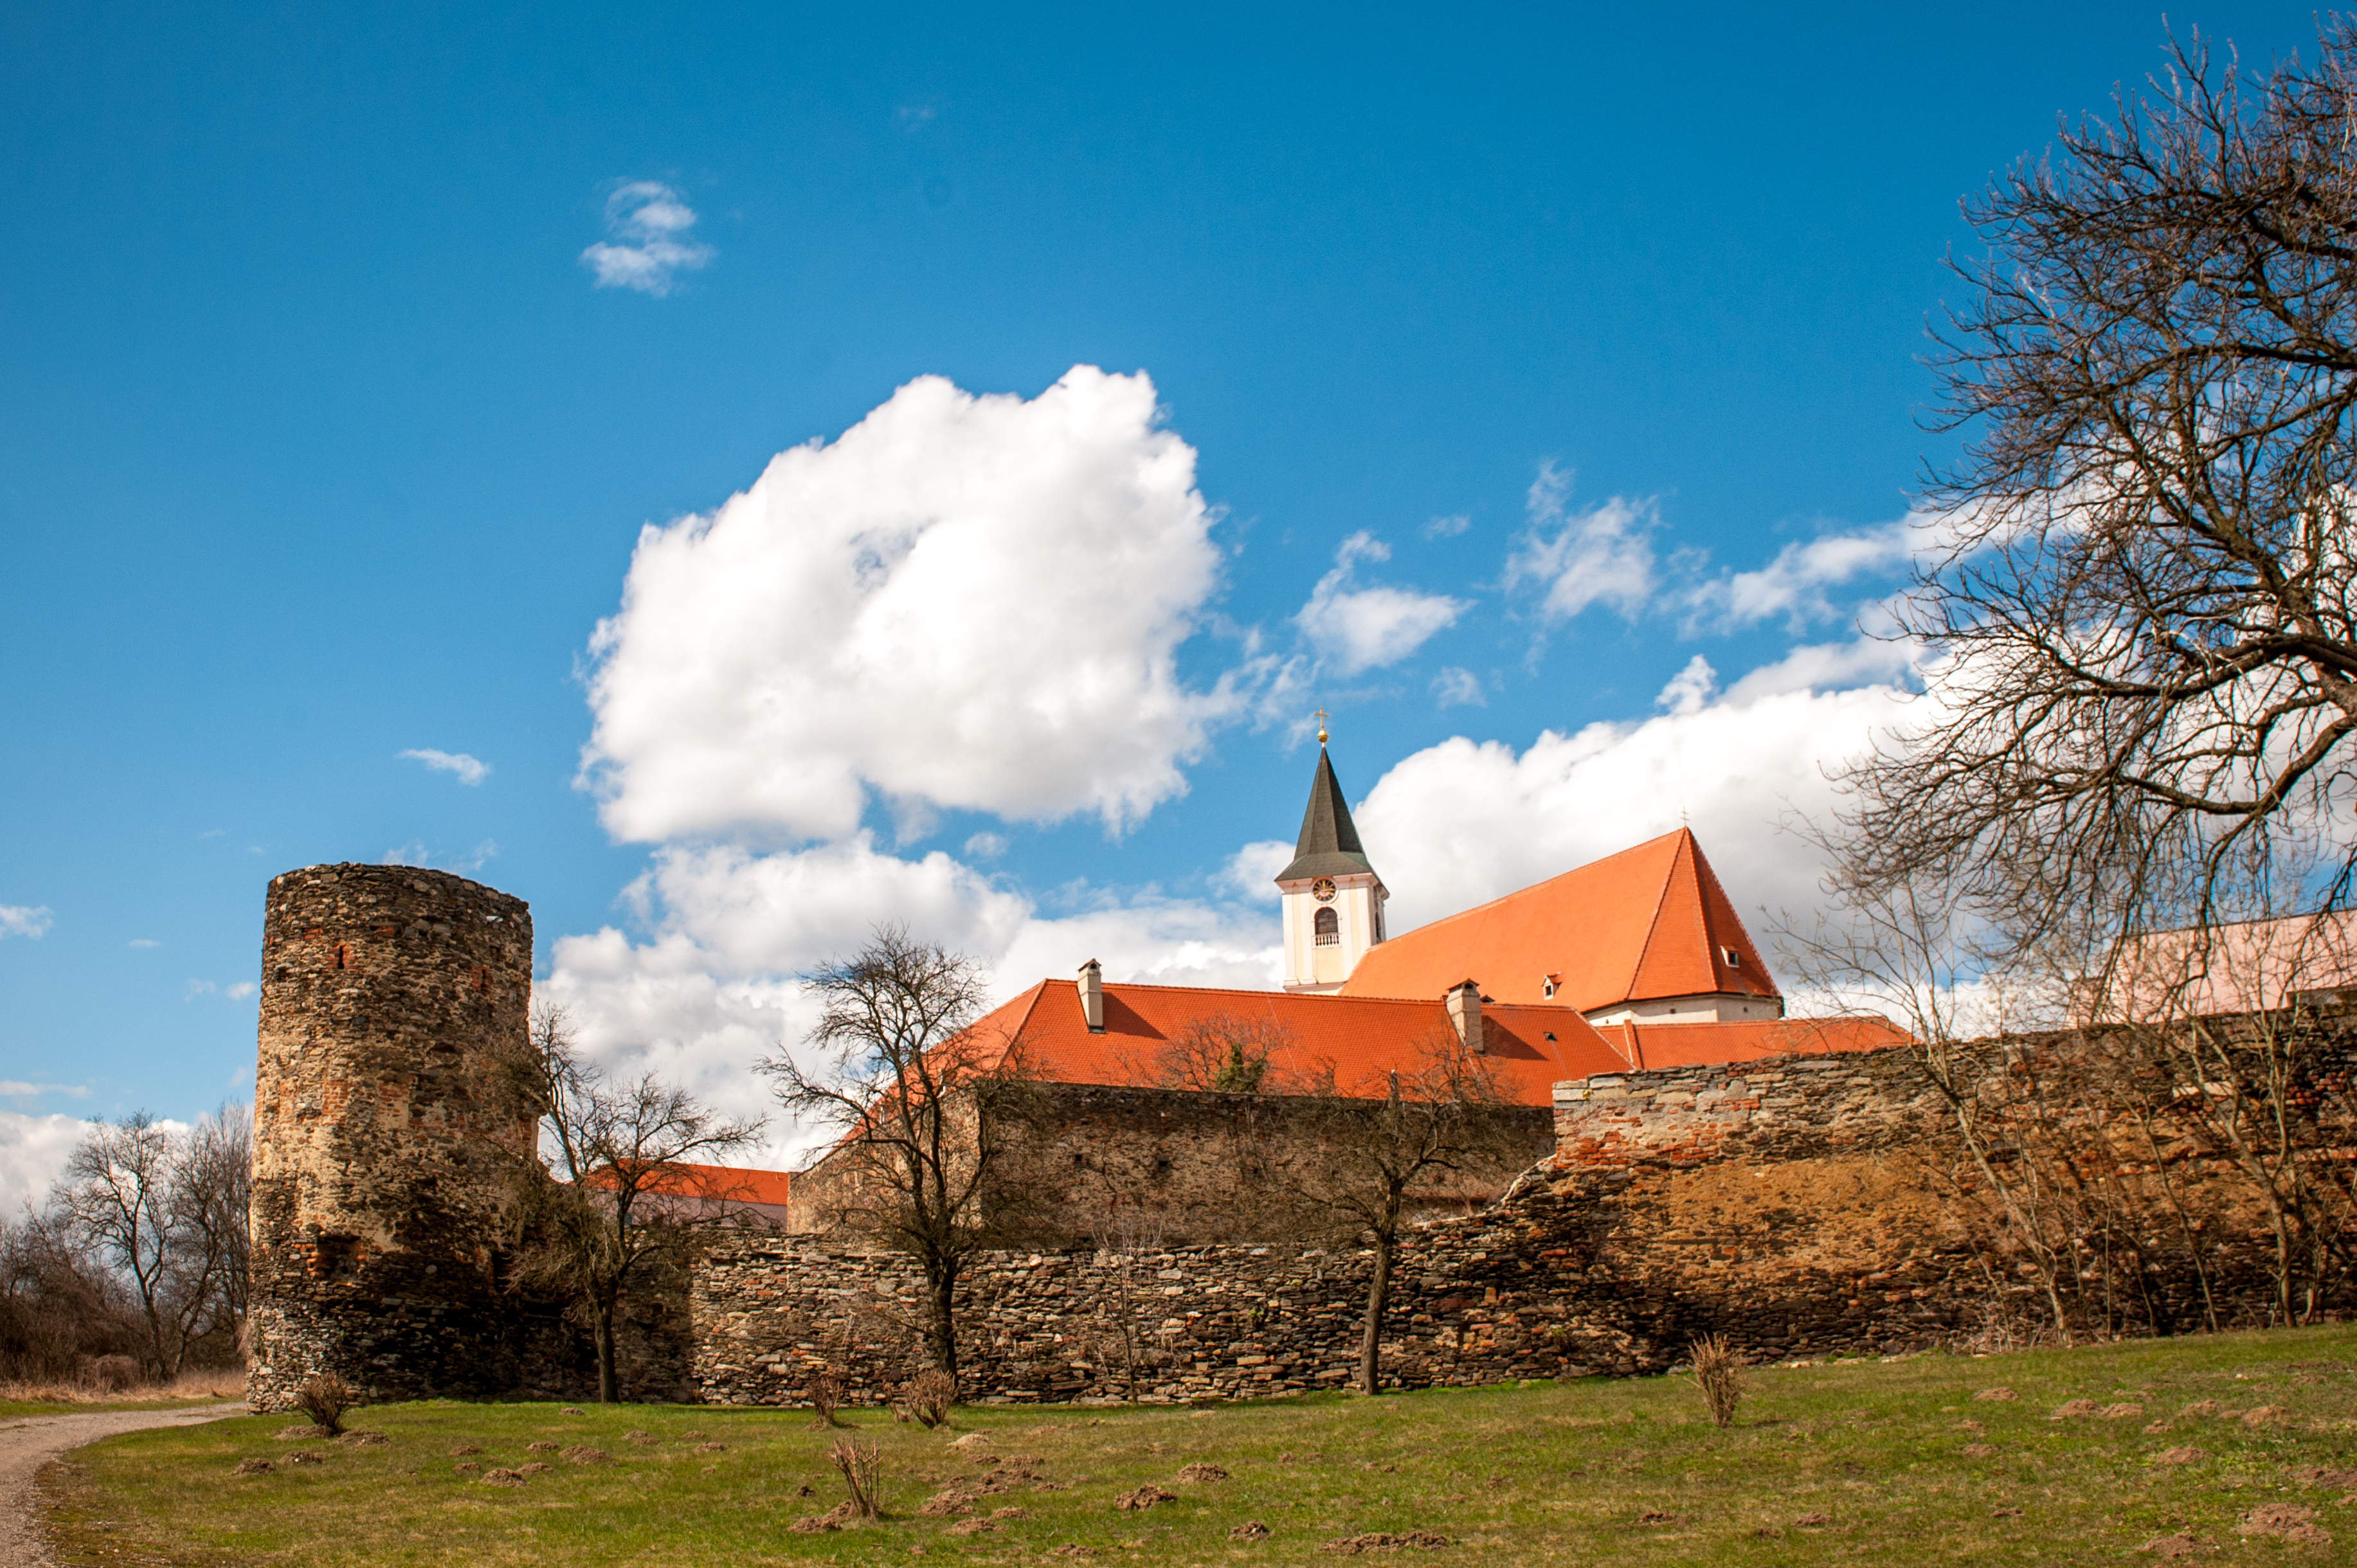 Kloster Pernegg. Und wolkig!